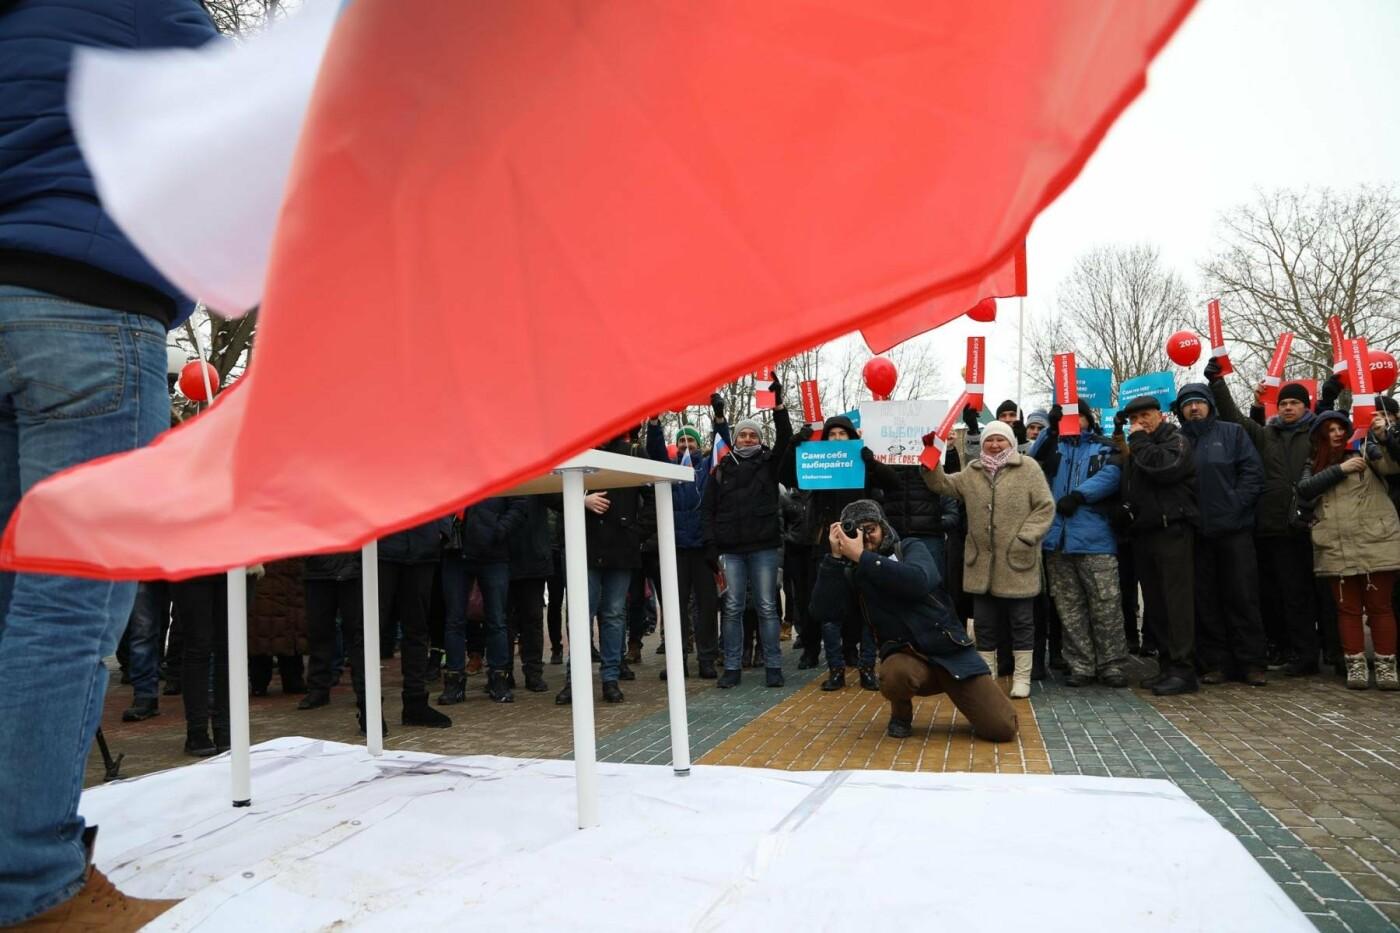 В Белгороде у Дома офицеров прошла «забастовка избирателей» — фоторепортаж, фото-4